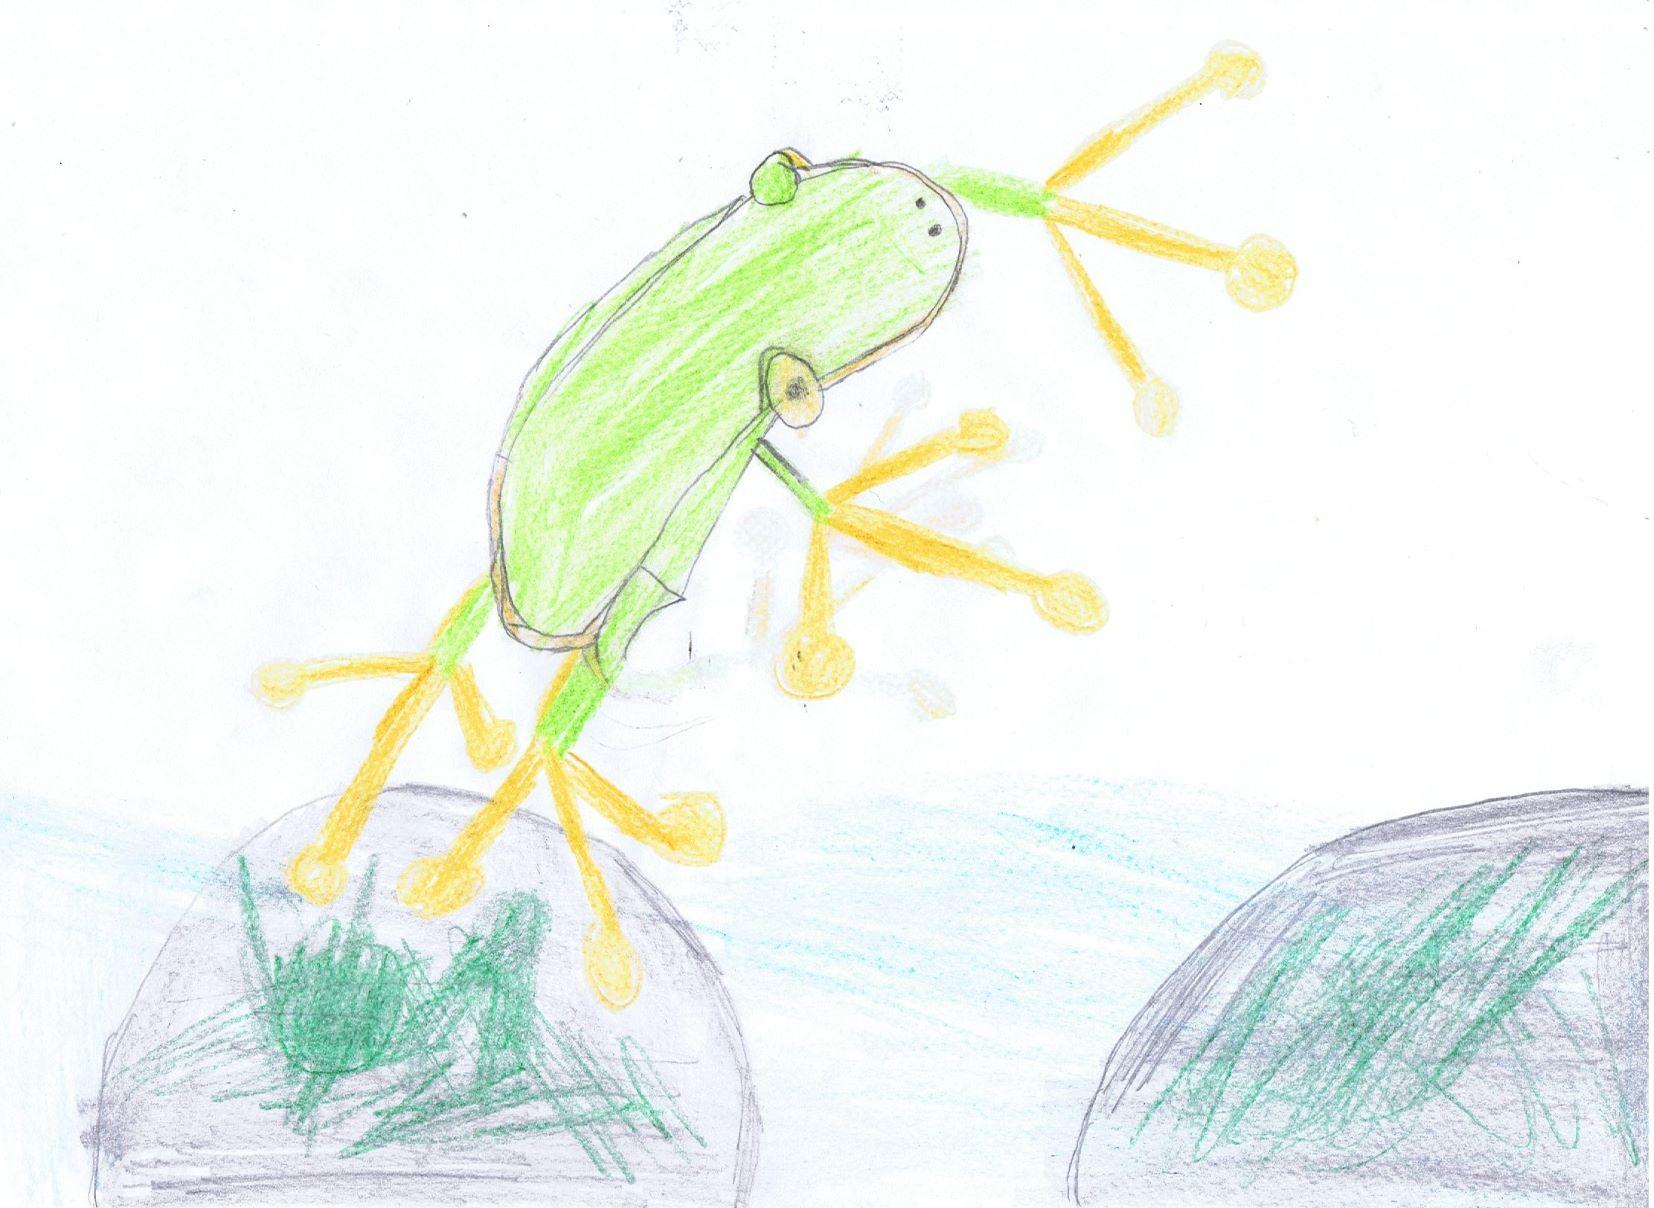 Wetterbericht vom Frosch - 23. Juni